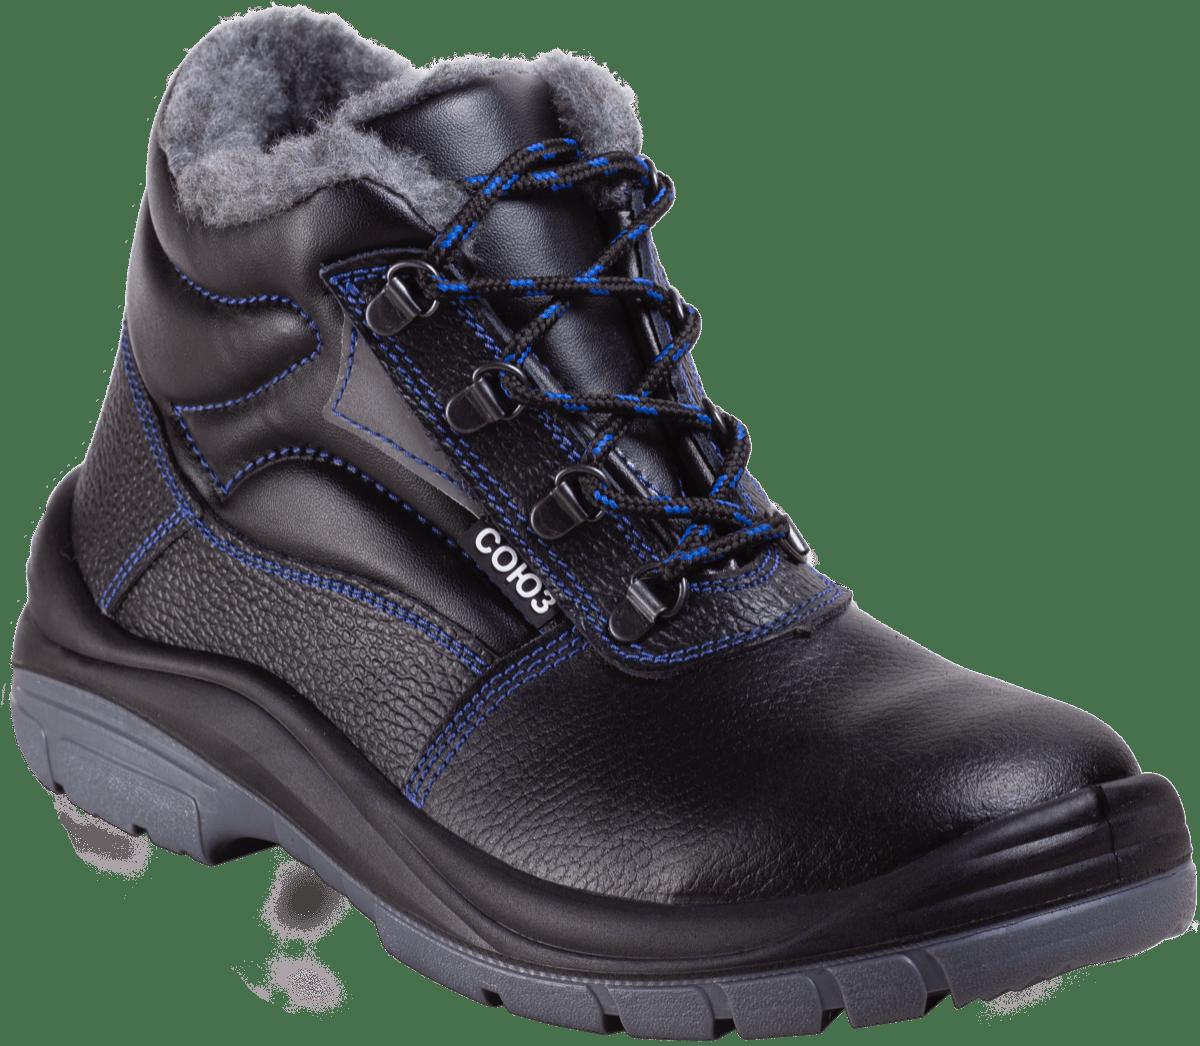 купить ботинки рабочие в минске, ботинки рабочие оптом, утепленные ботинки, бутинки от производителя, обувь рабочую купить, ботинки рабочие